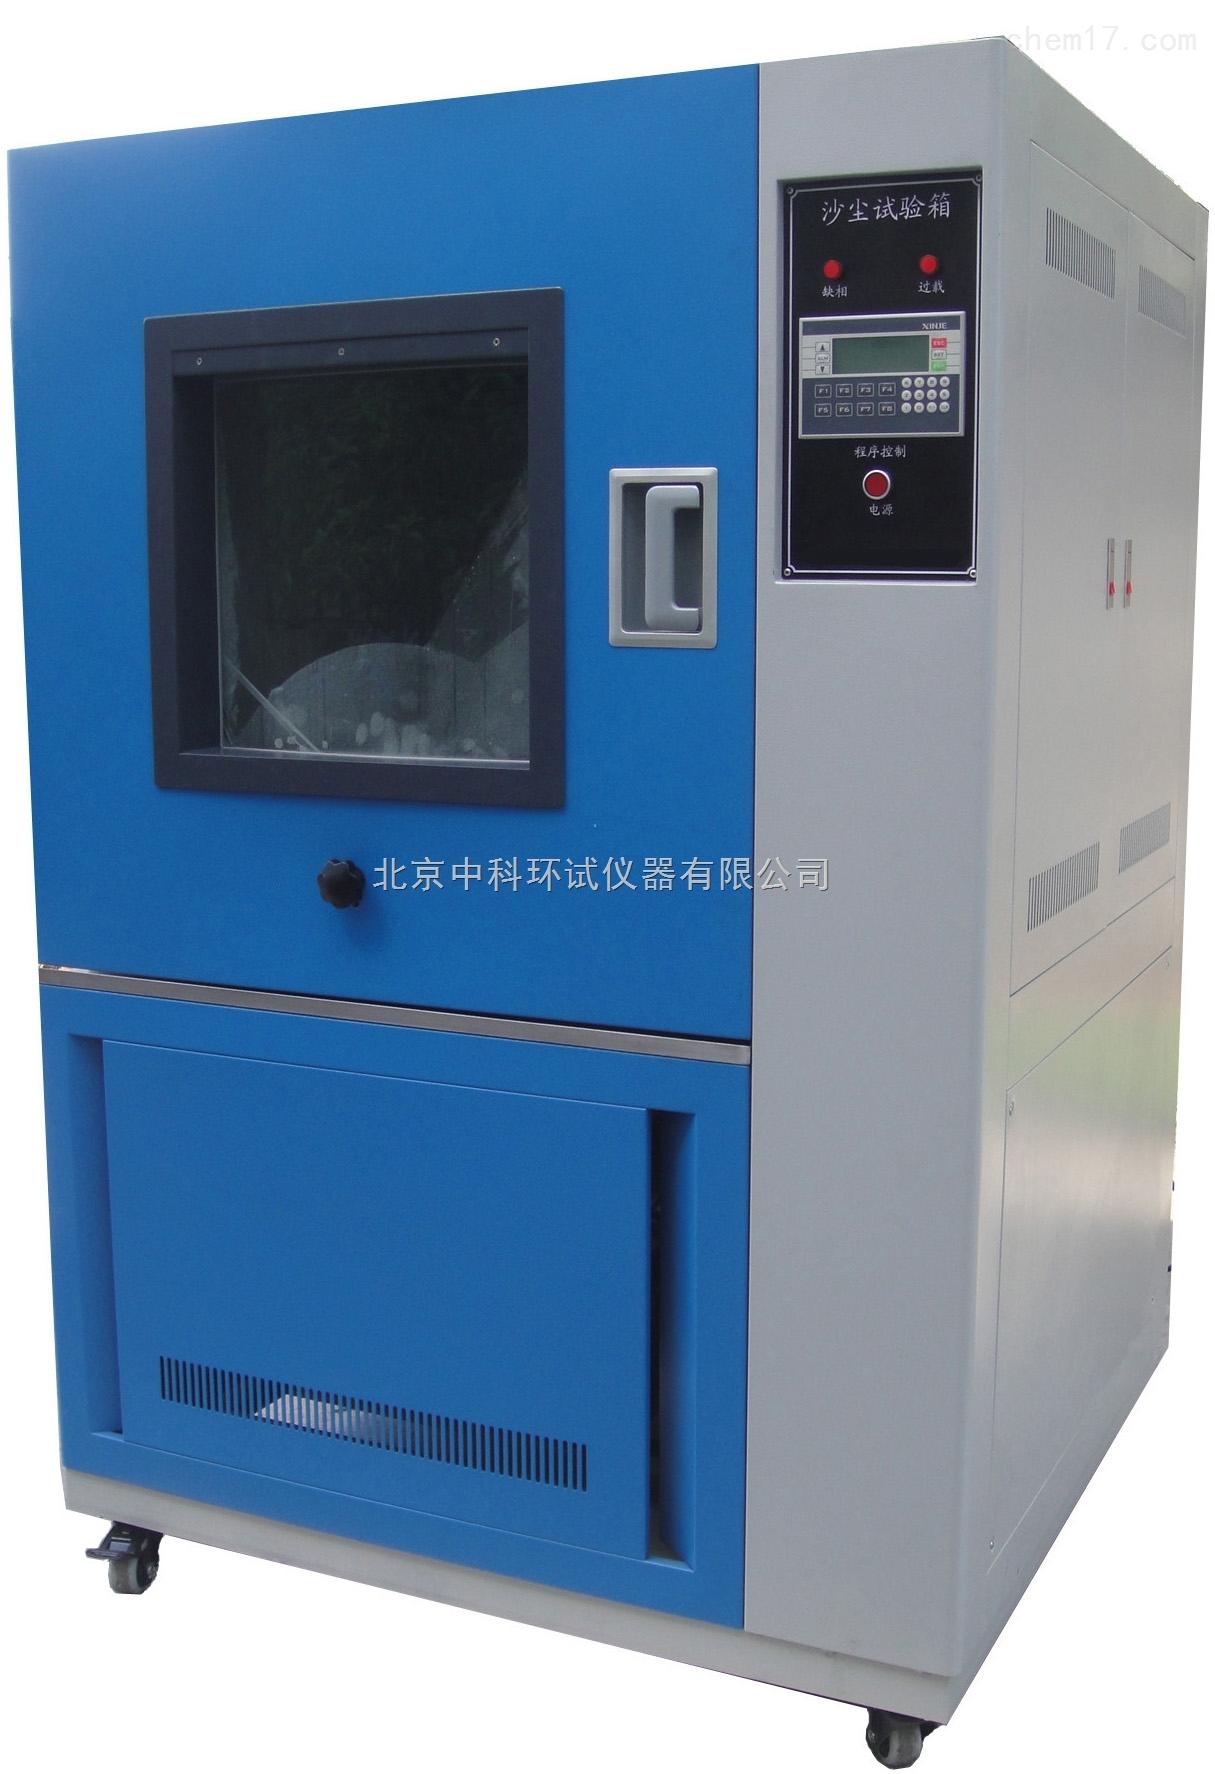 SC-010模拟风沙环境试验箱/沙尘试验箱